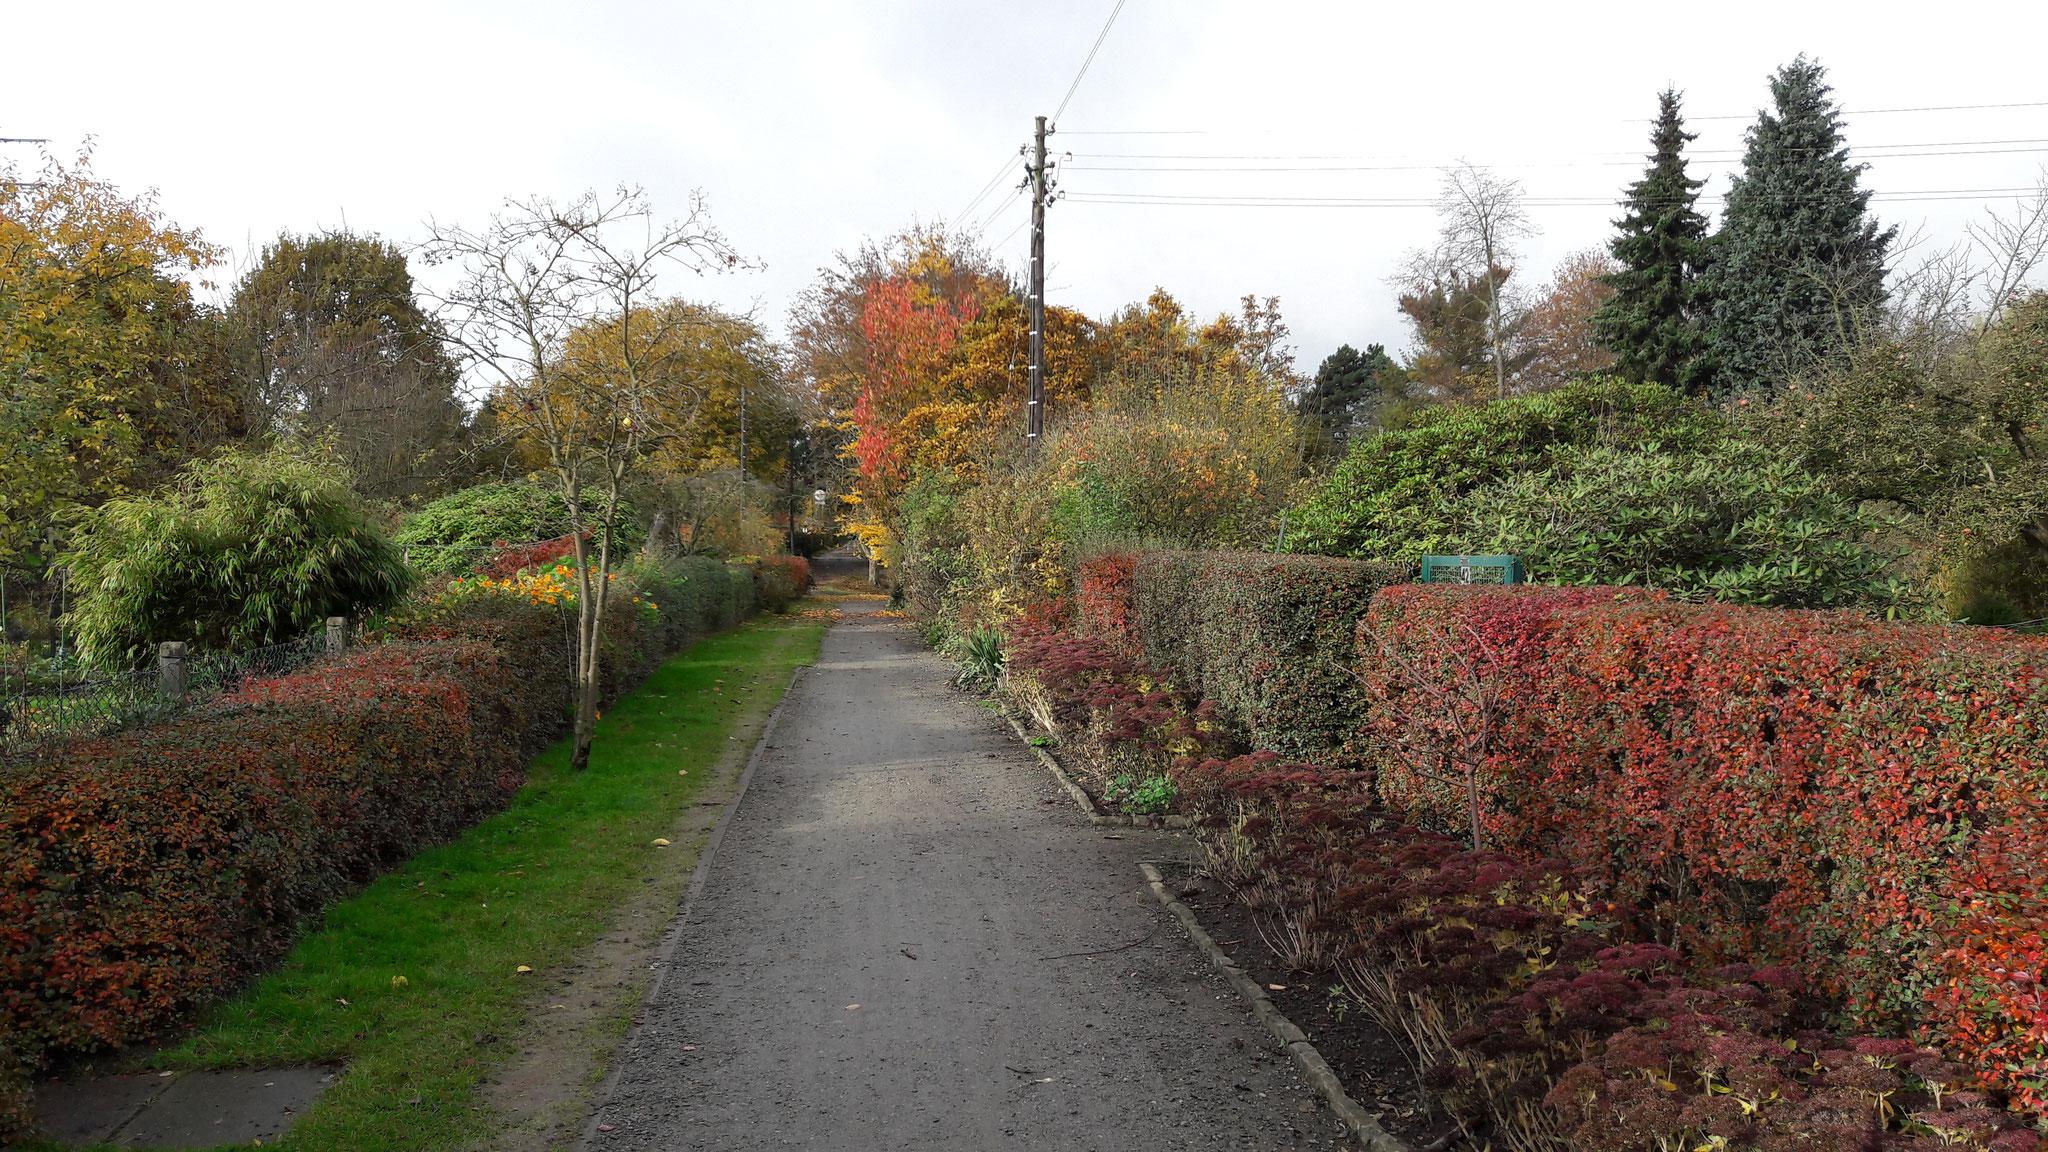 Eichenweg in der Altanlage November 2016 in Richtung City